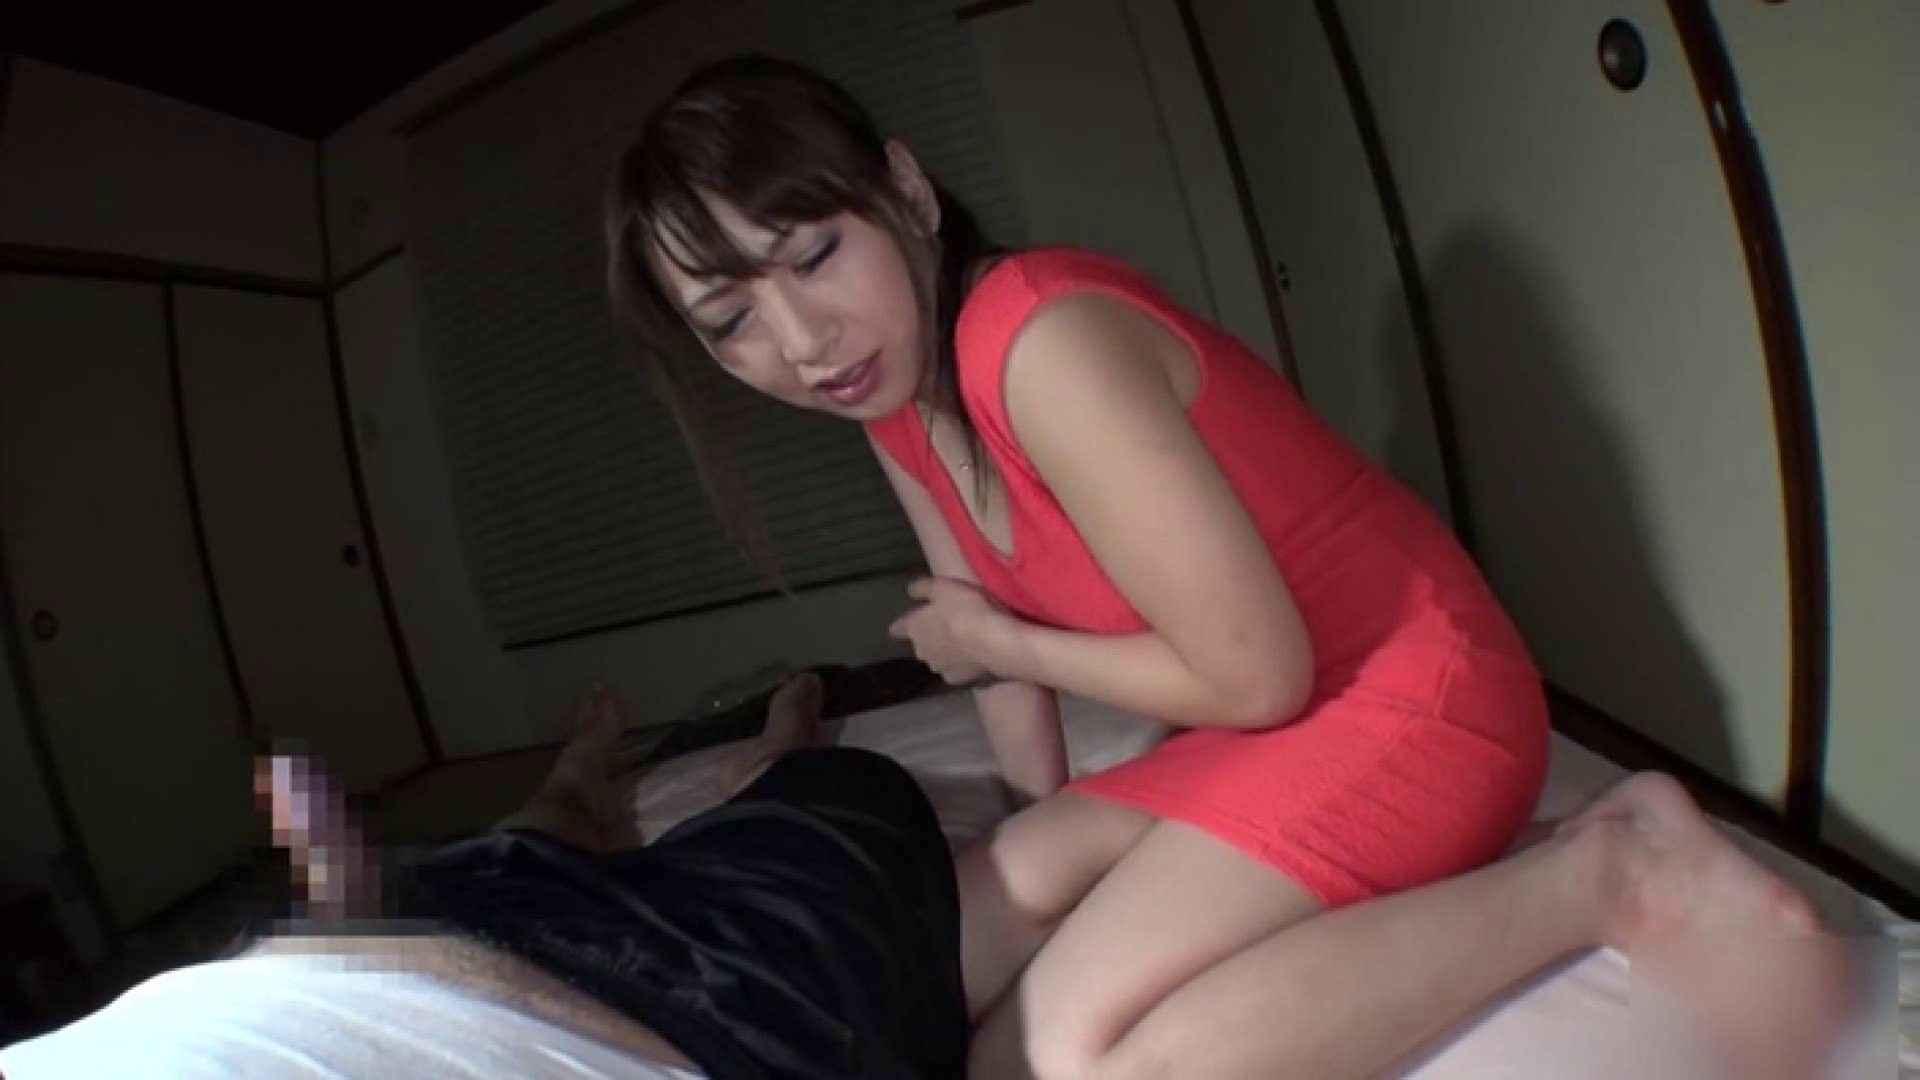 おしえてギャル子のH塾 Vol.04 前編 車 アダルト動画キャプチャ 93pic 19